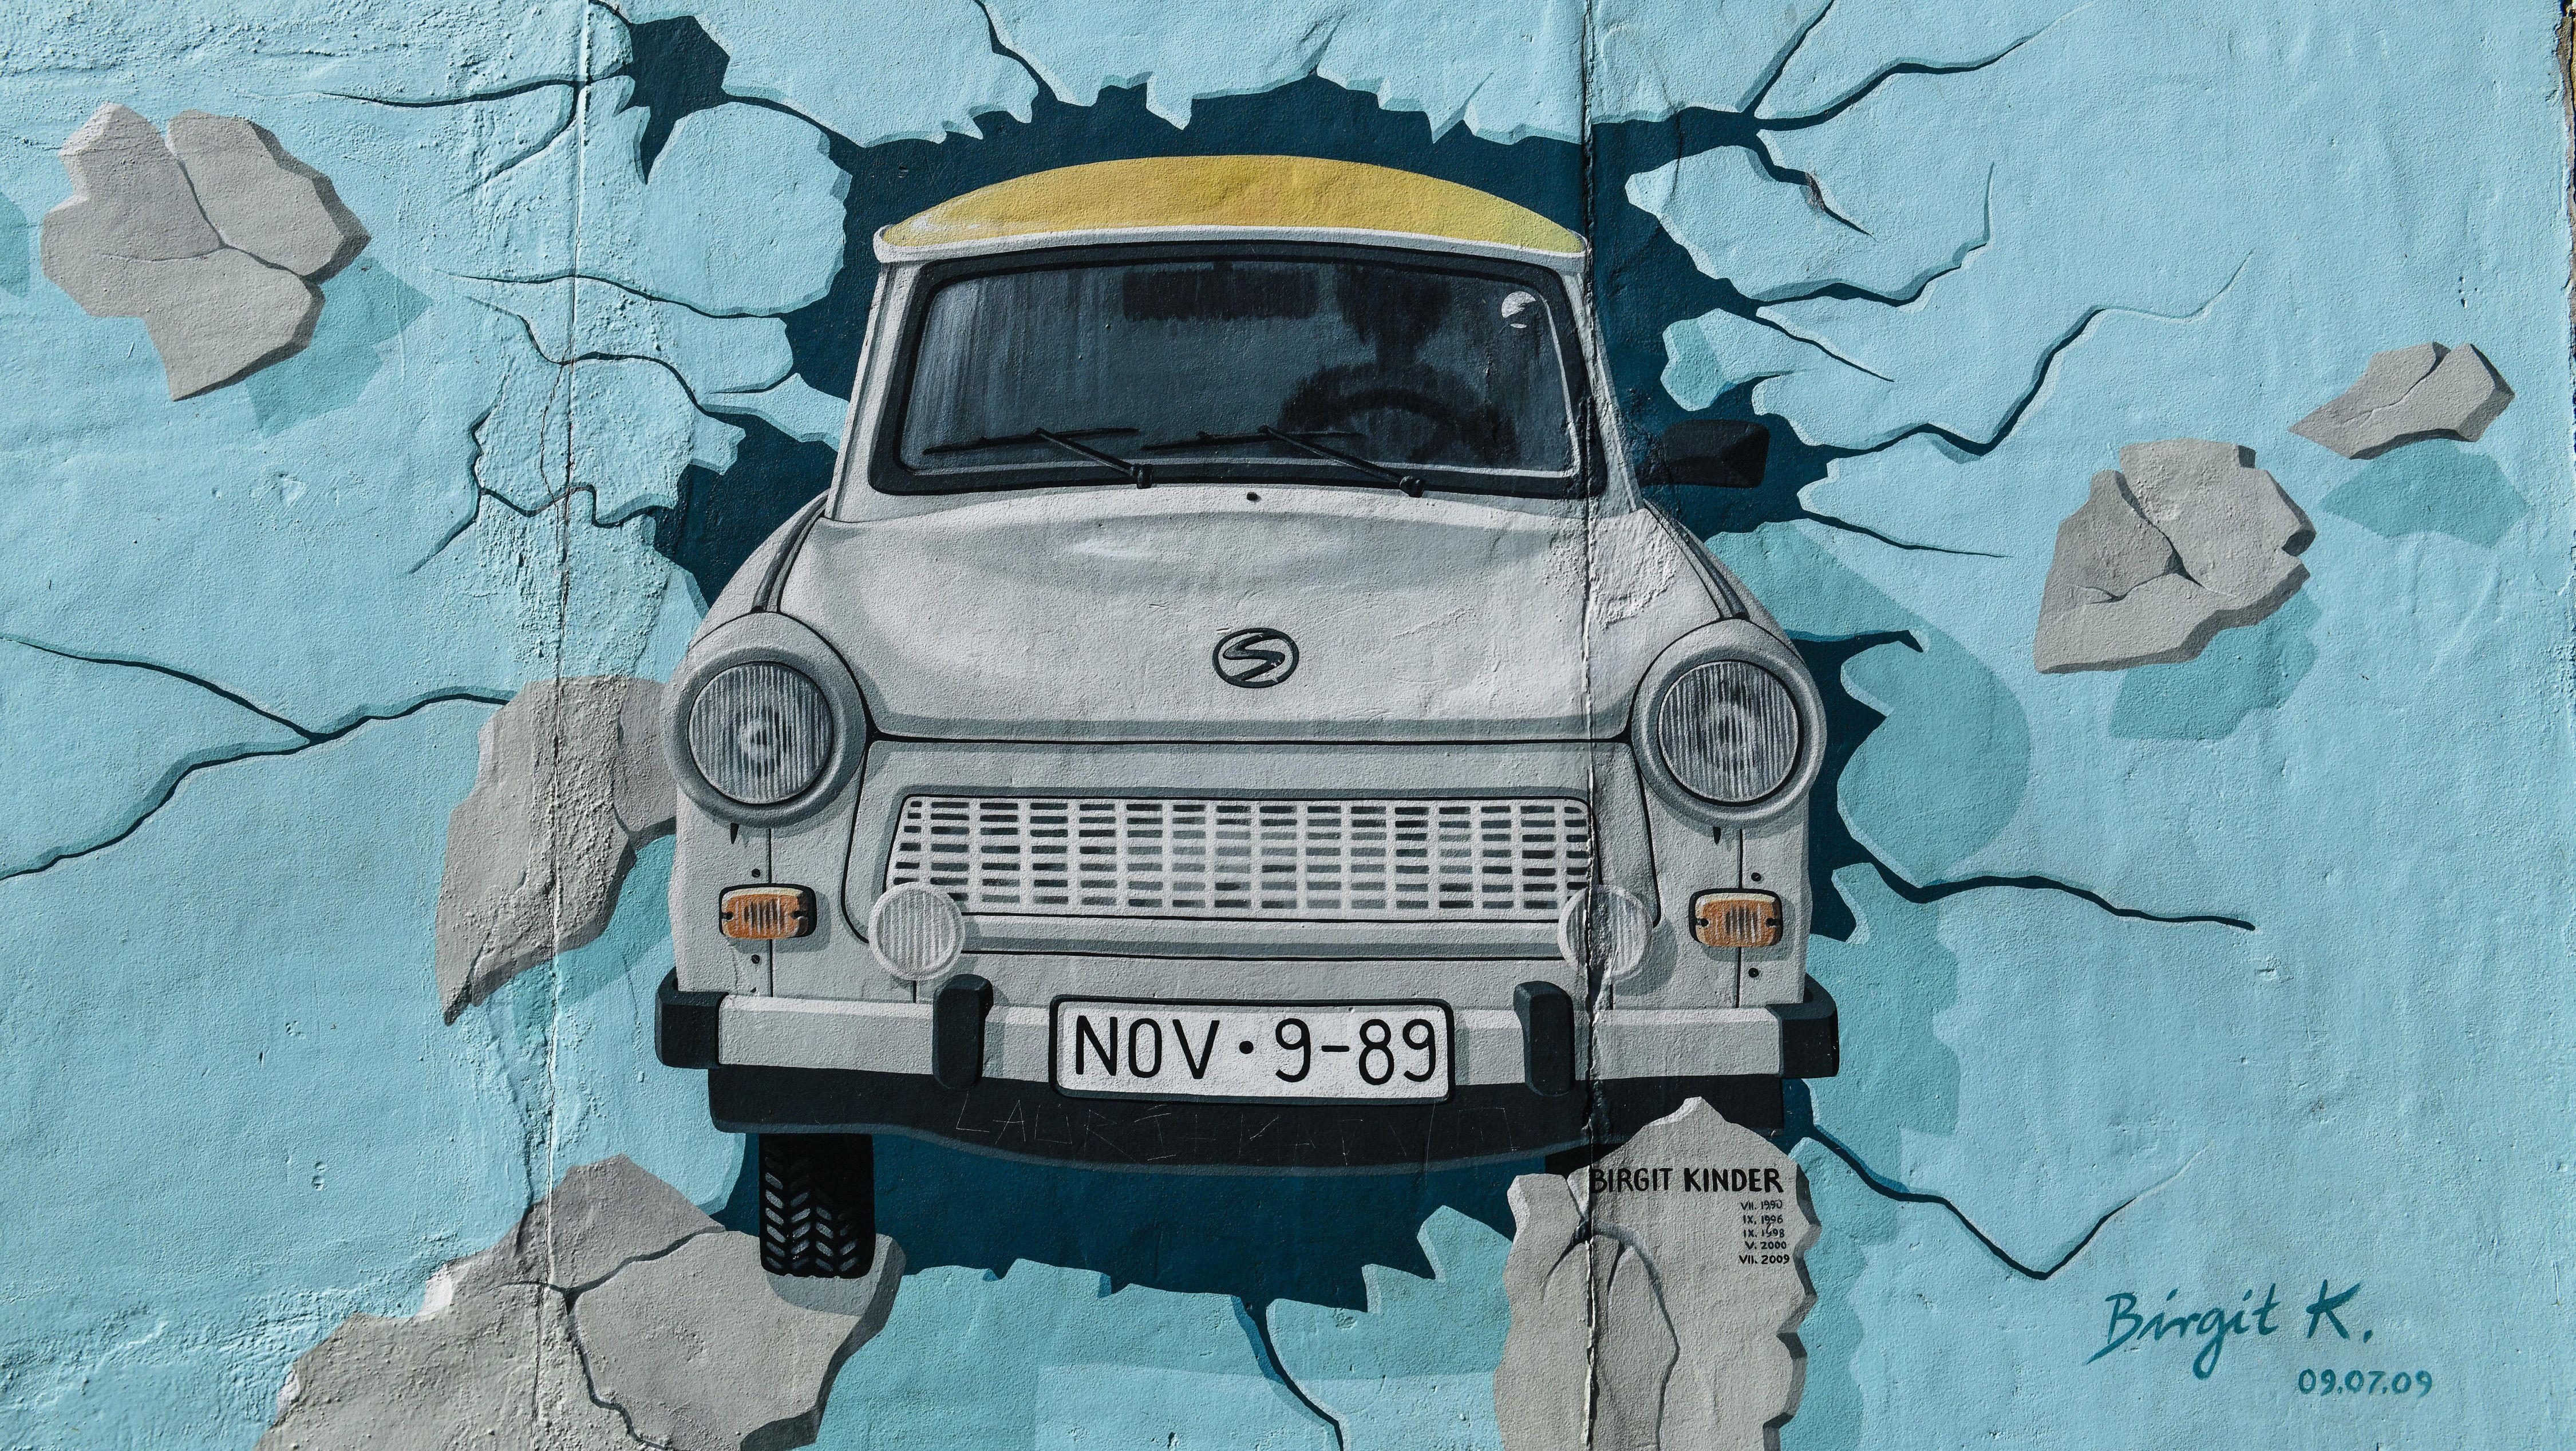 Trabbi auf der Berliner Mauer